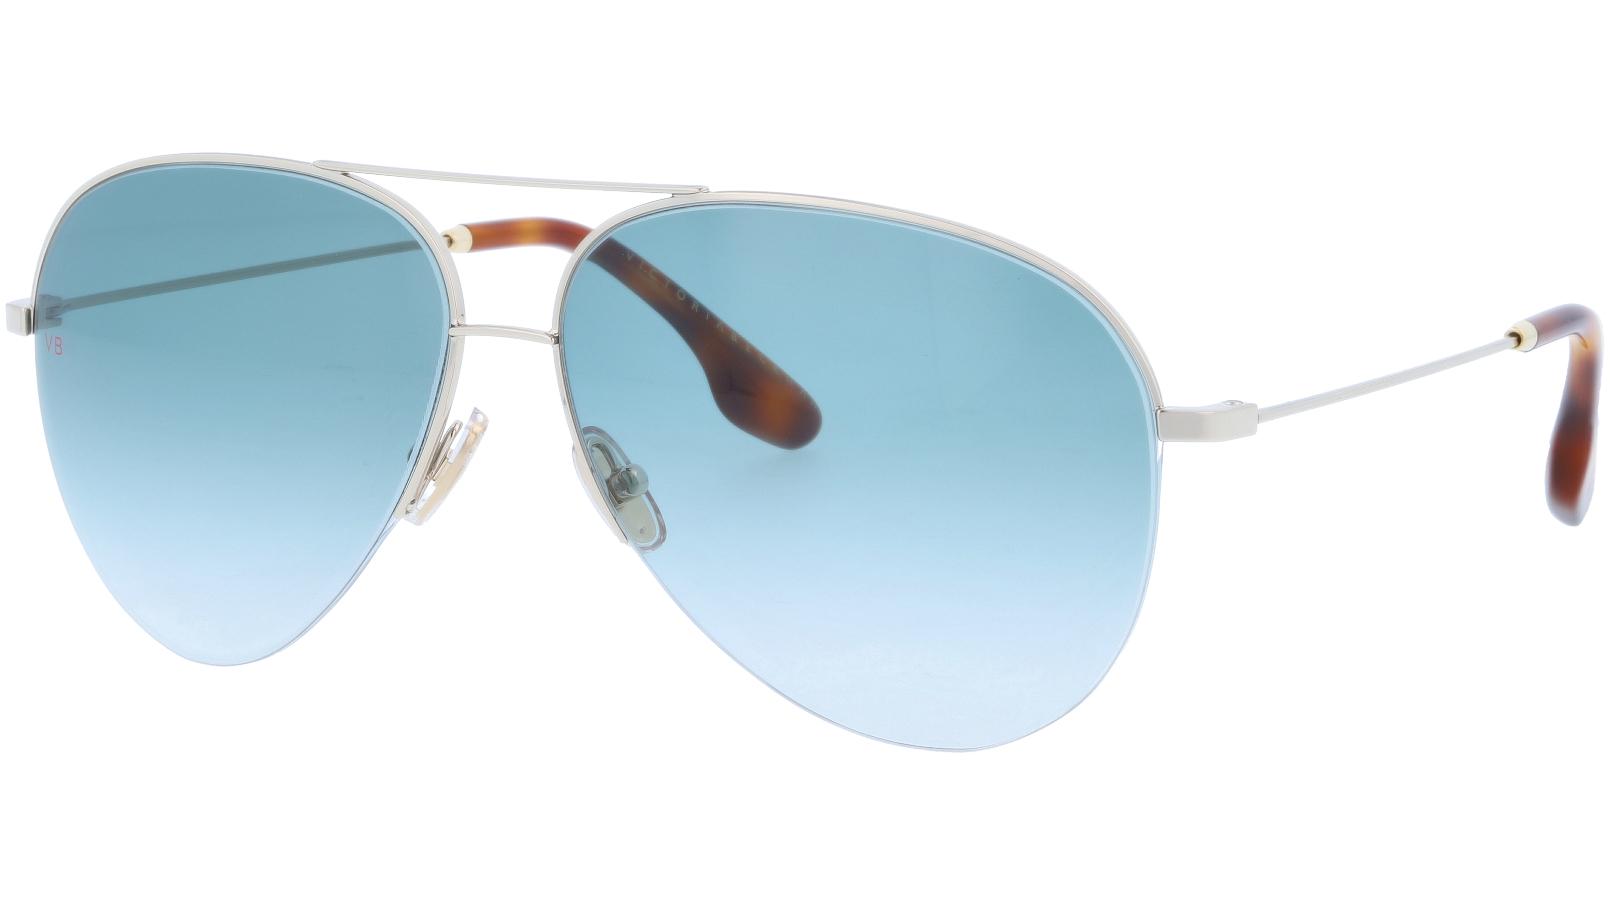 Victoria Beckham VB90S 706 62 Gold Sunglasses